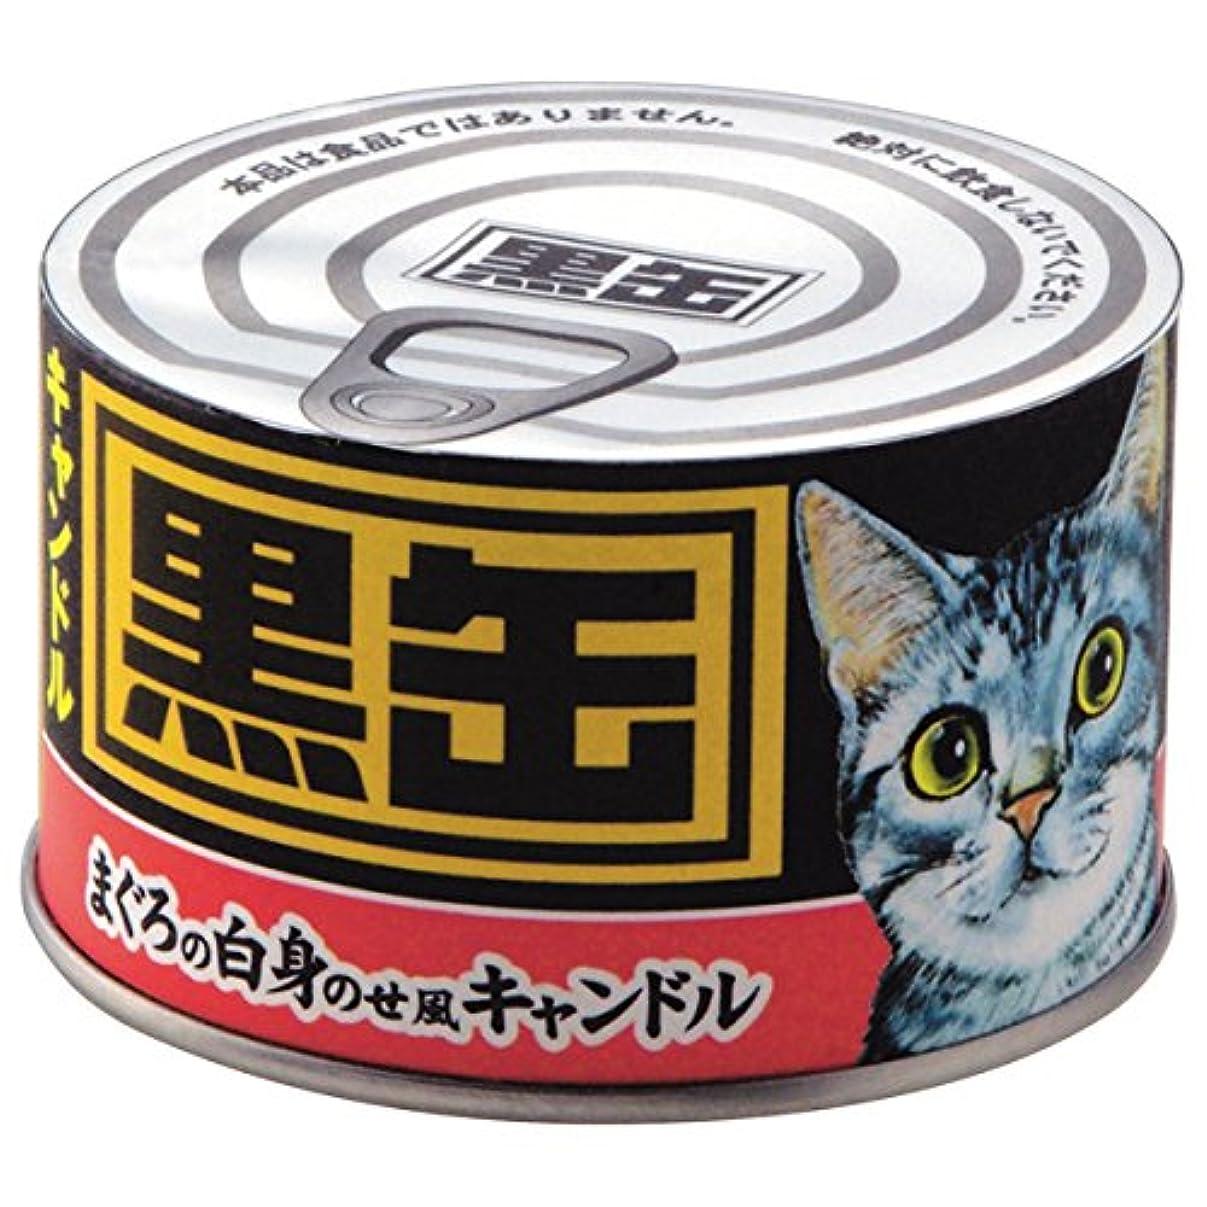 勢いデュアル支援カメヤマ黒缶キャンドル